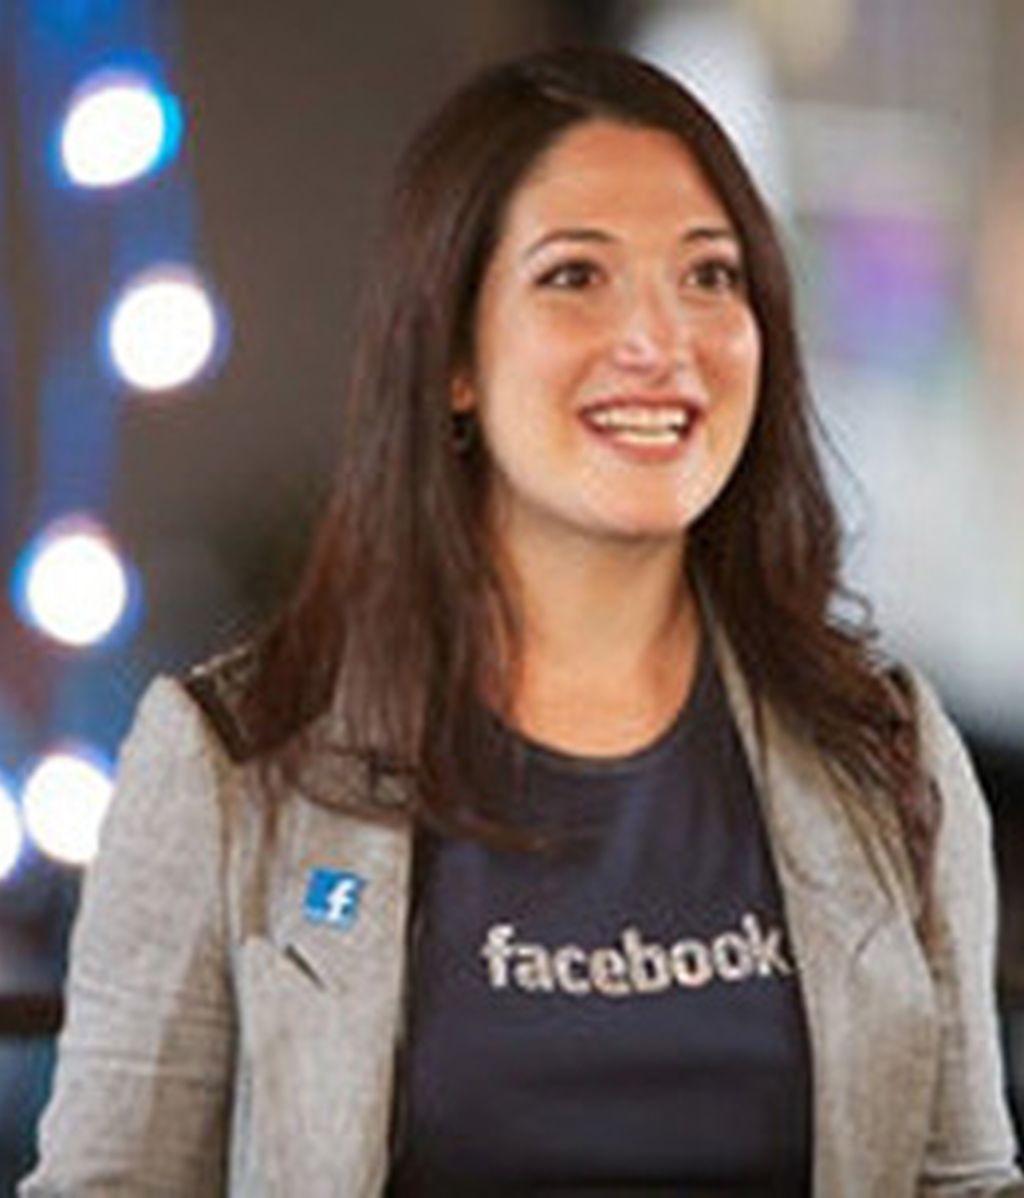 Randi Zuckerberg deja Facebook tras permanecer seis años a la sombra de su hermano. Ahora, la empresaria quiere su propia empresa